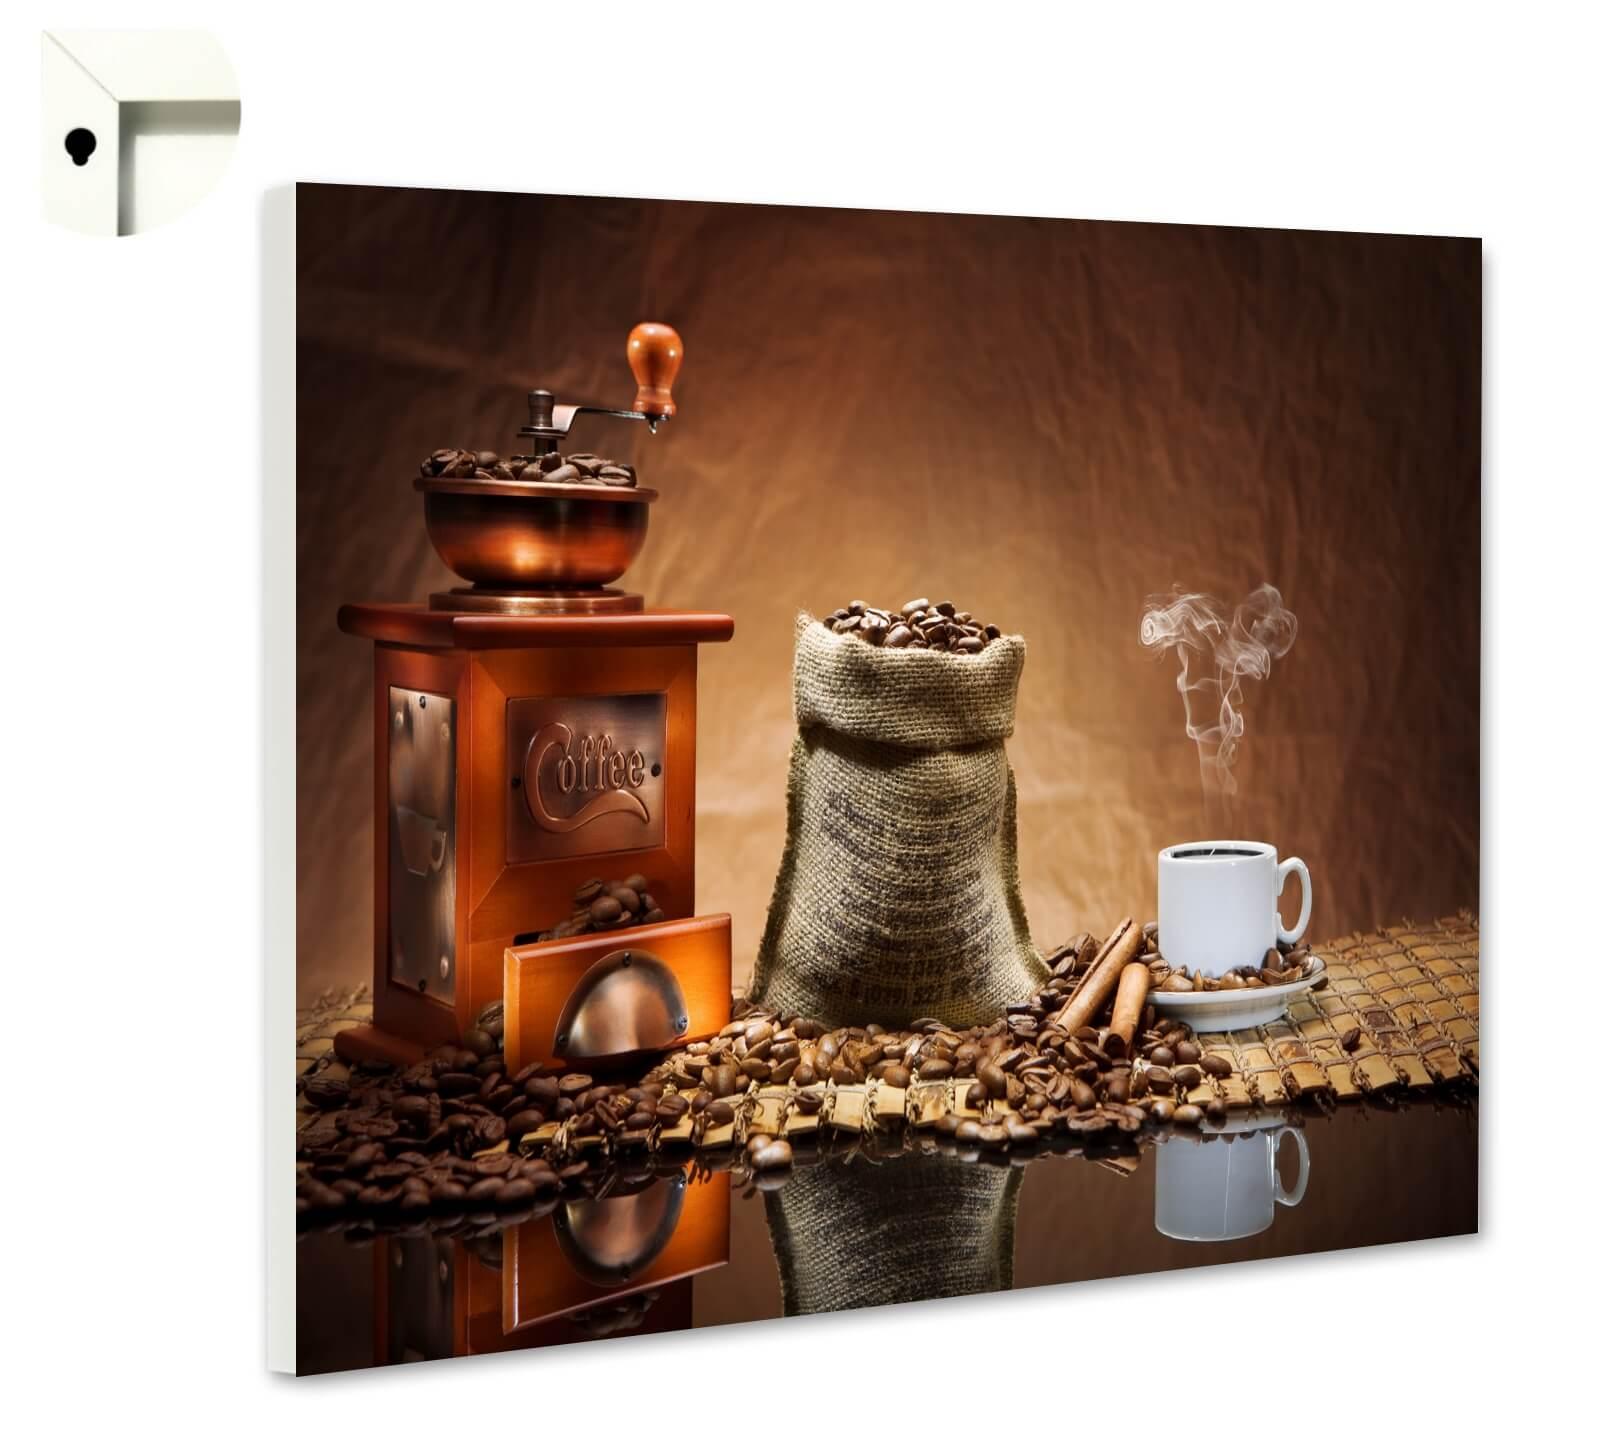 Full Size of Magnettafel Pinnwand Kche Kaffee Mhle Bohnen Essen Trinken Hängeschränke Küche Komplette Mit Theke Aufbewahrung Deckenlampe Regal Kleine Einbauküche Modul Wohnzimmer Magnetwand Küche